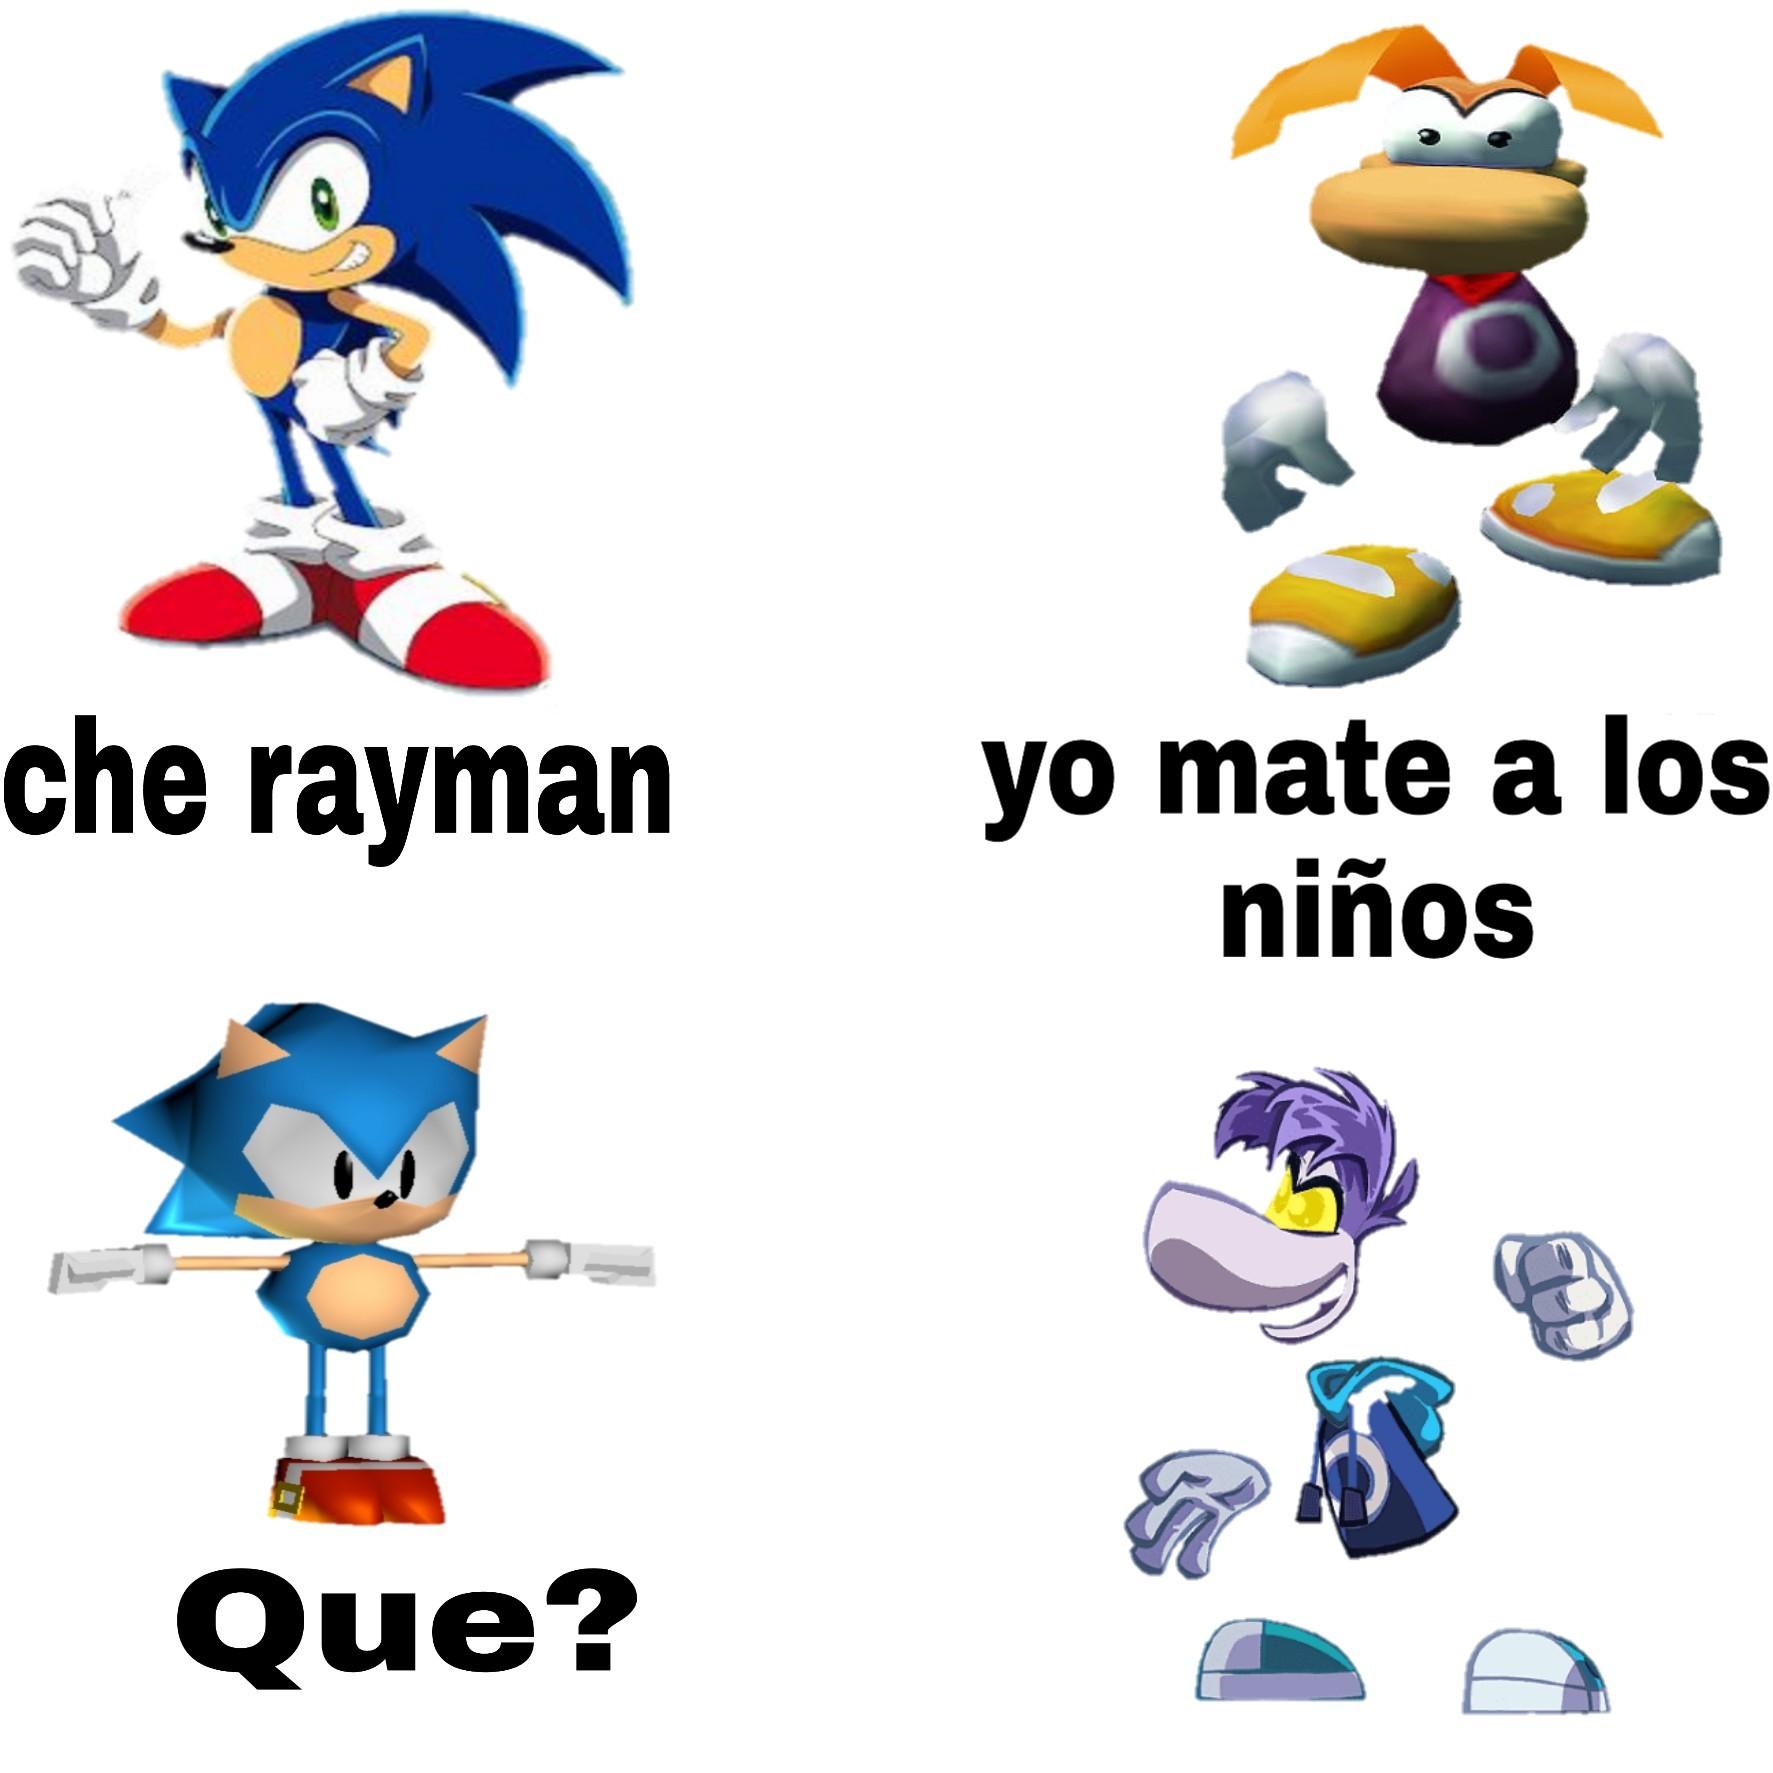 Ñeh - meme